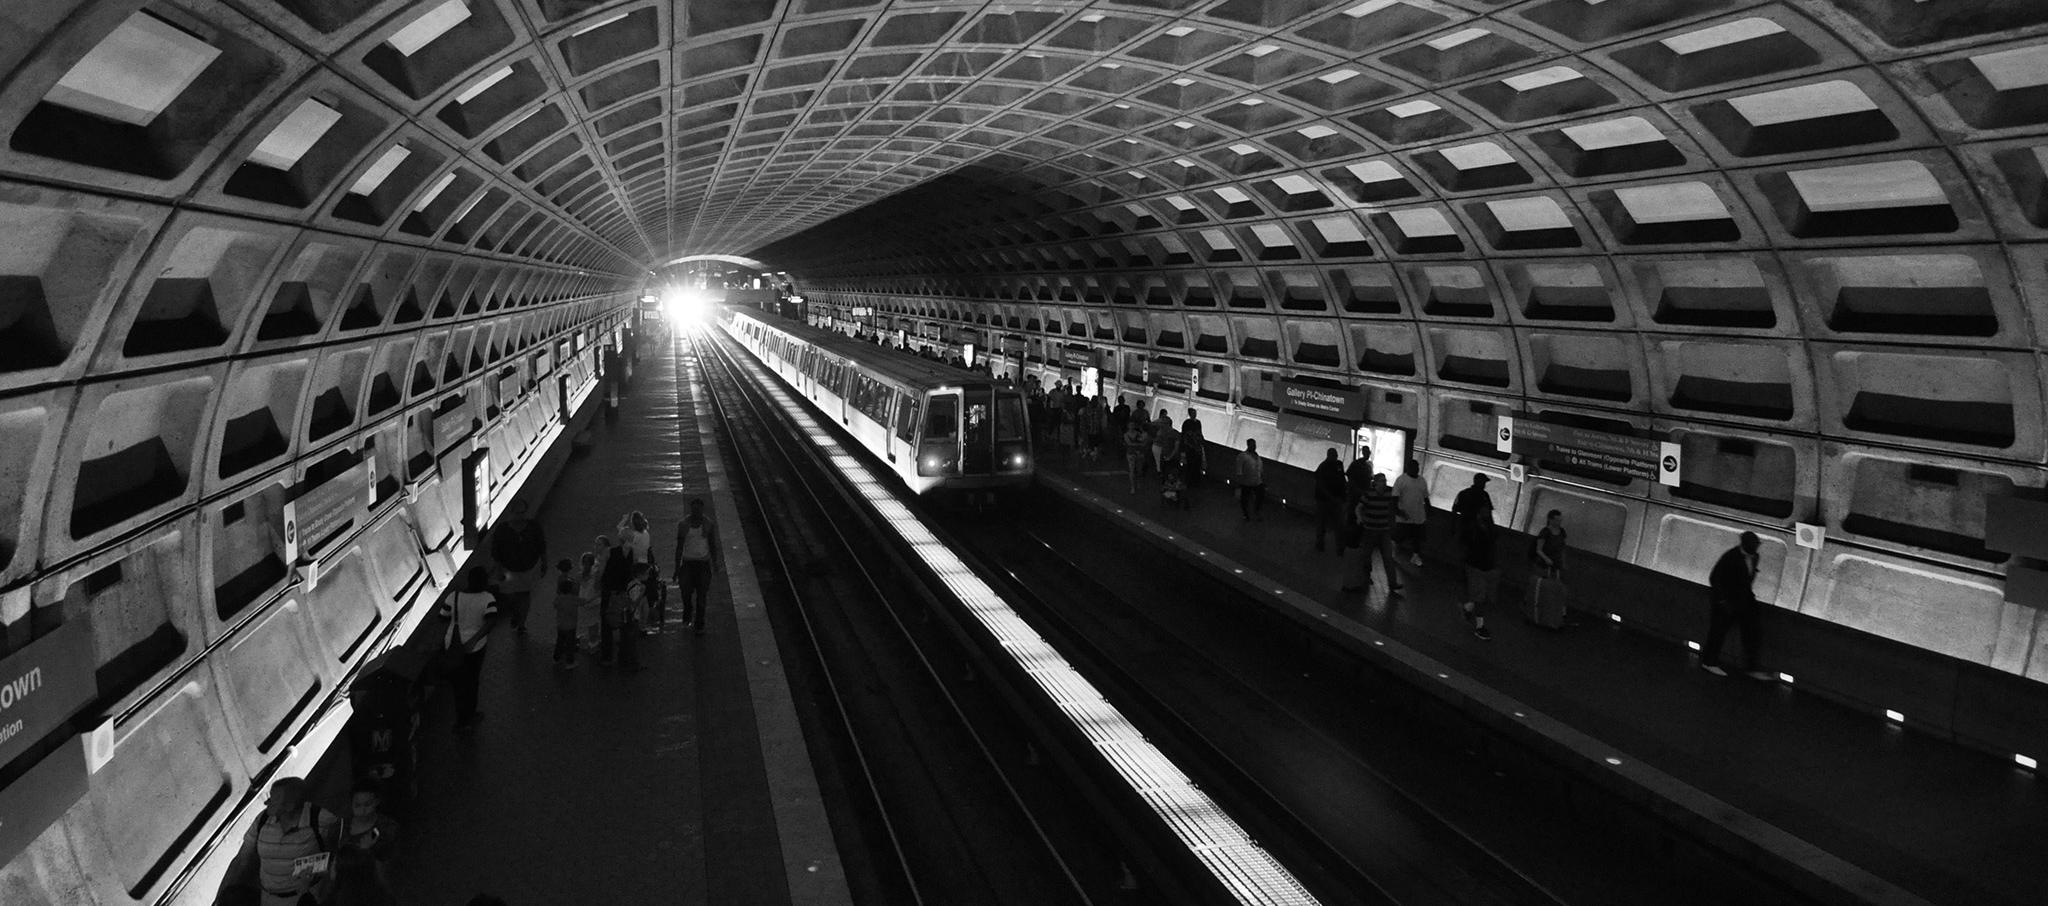 Gallery Place–Chinatown Metro, ejemplos del Mapa Brutalista de Washington por Blue Crow Media en colaboración con Deane Madsen. Fotografía © Deane Madsen